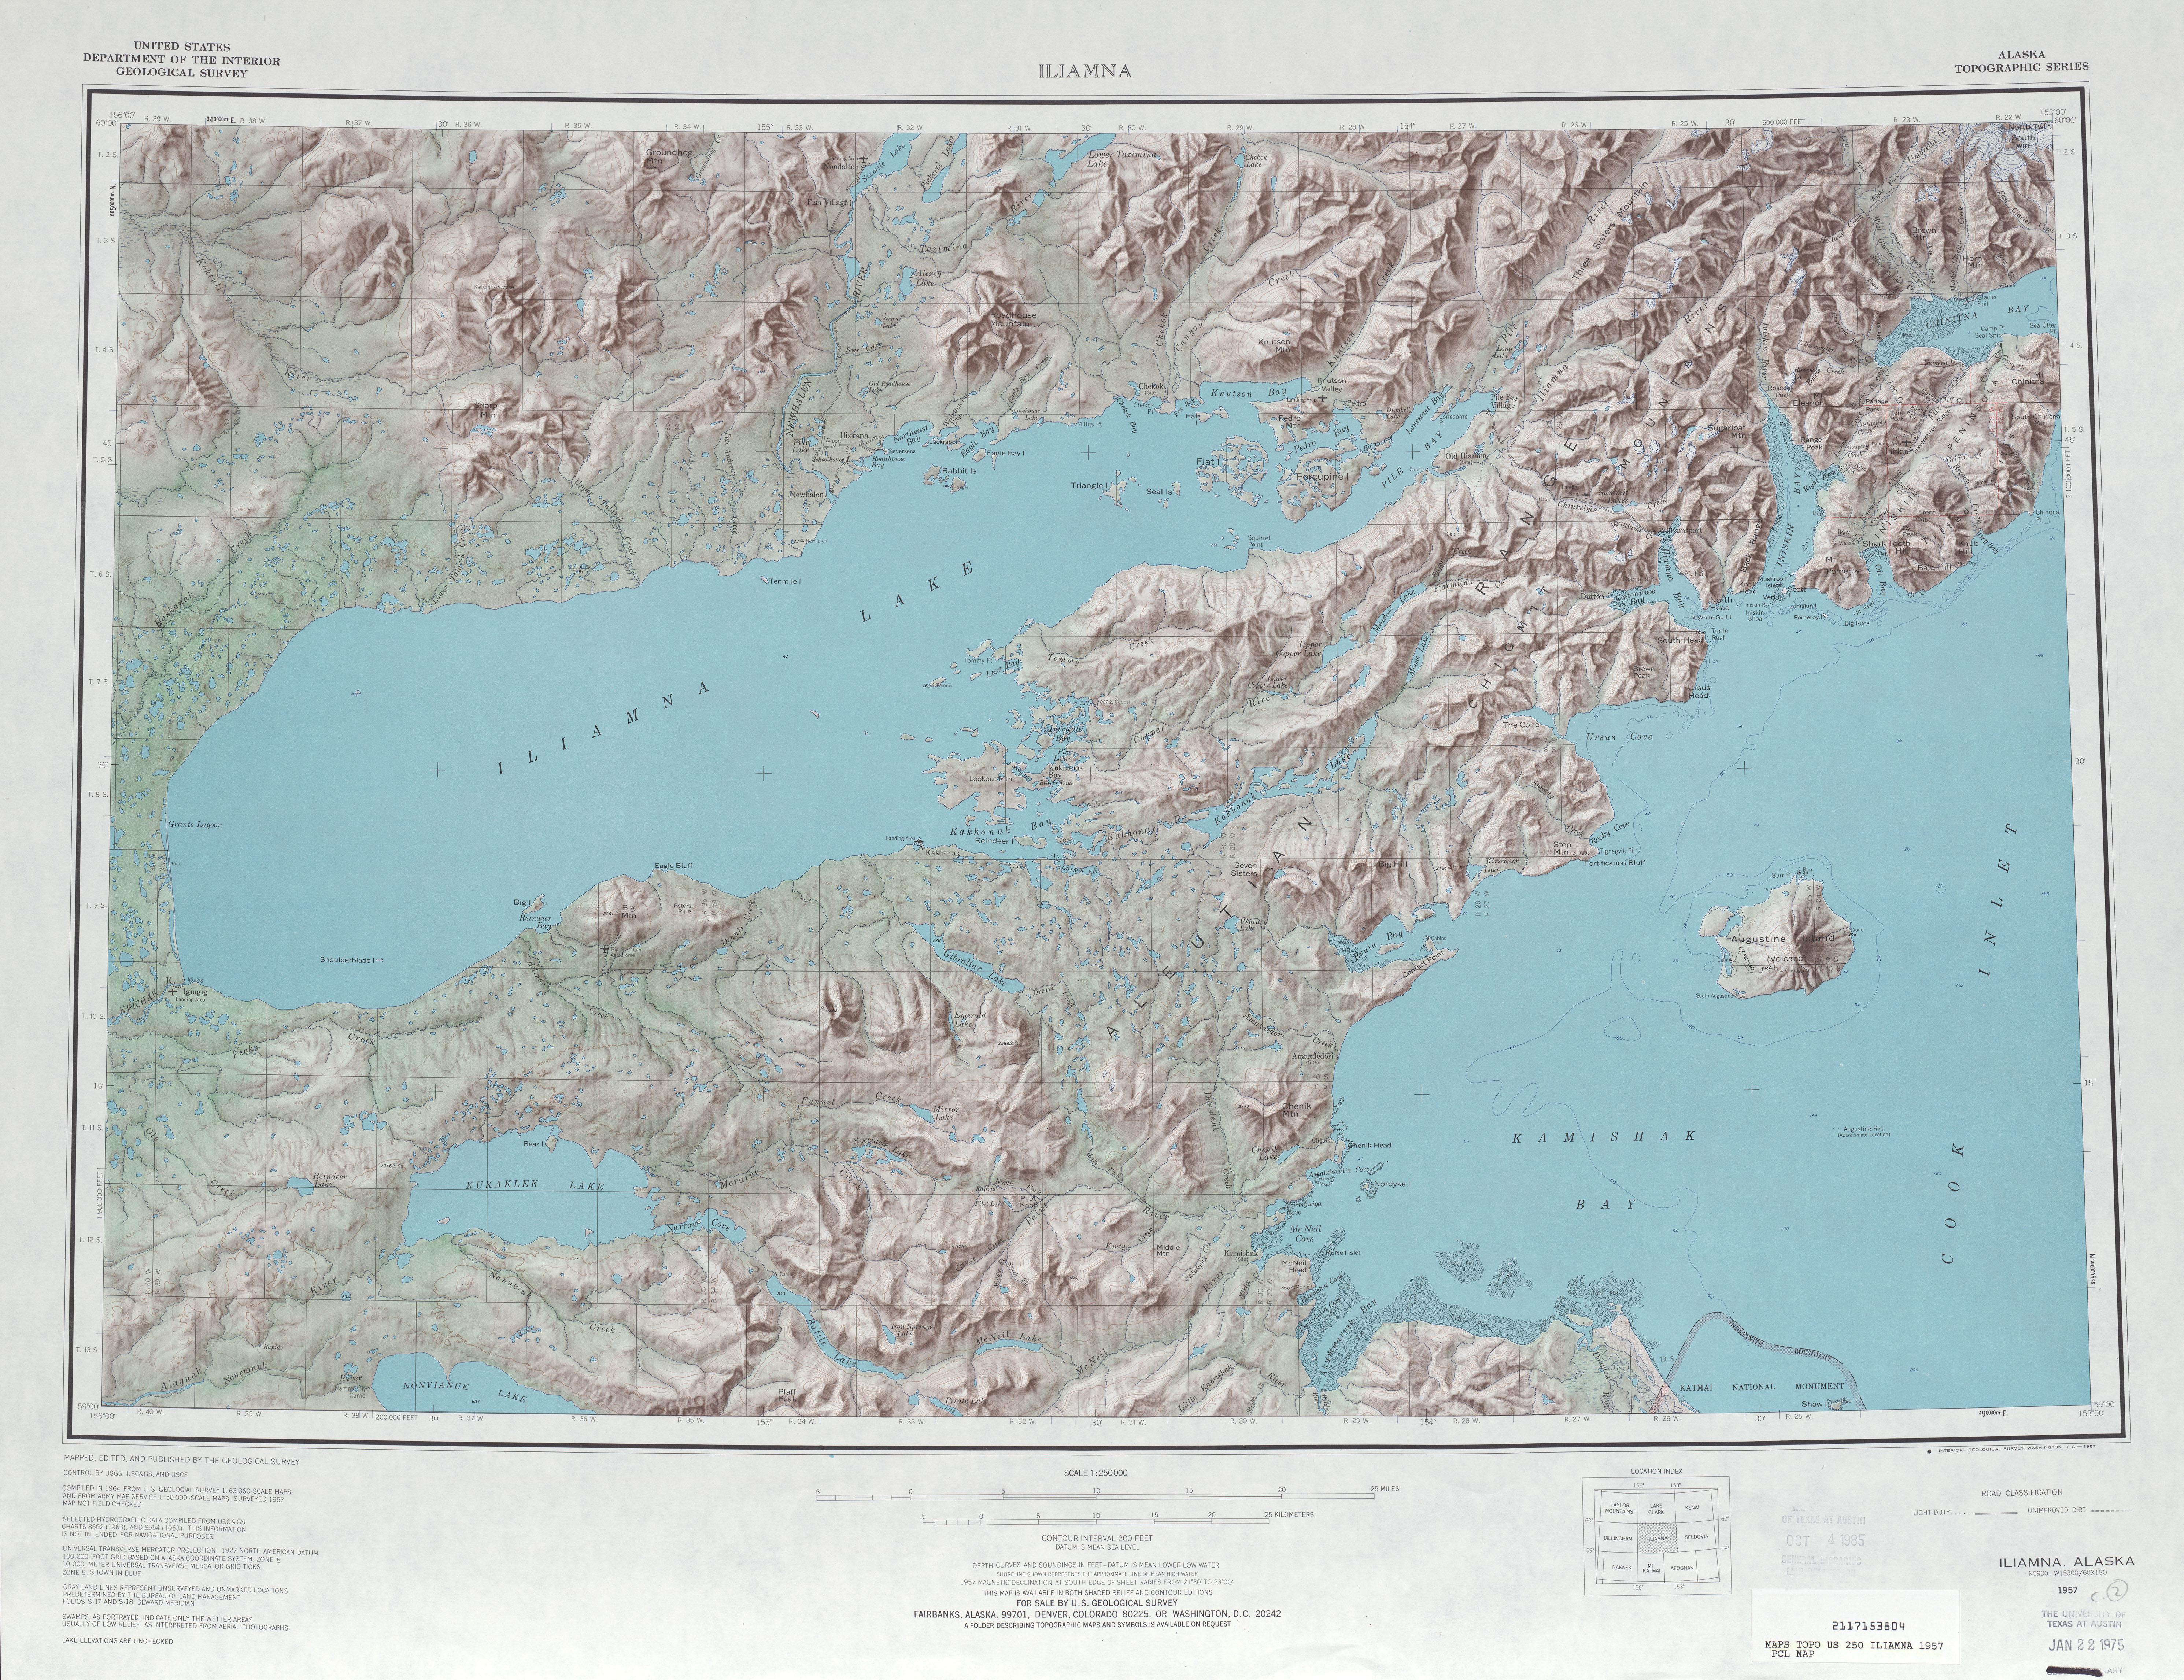 Hoja Iliamna del Mapa de Relieve Sombreado de los Estados Unidos 1957